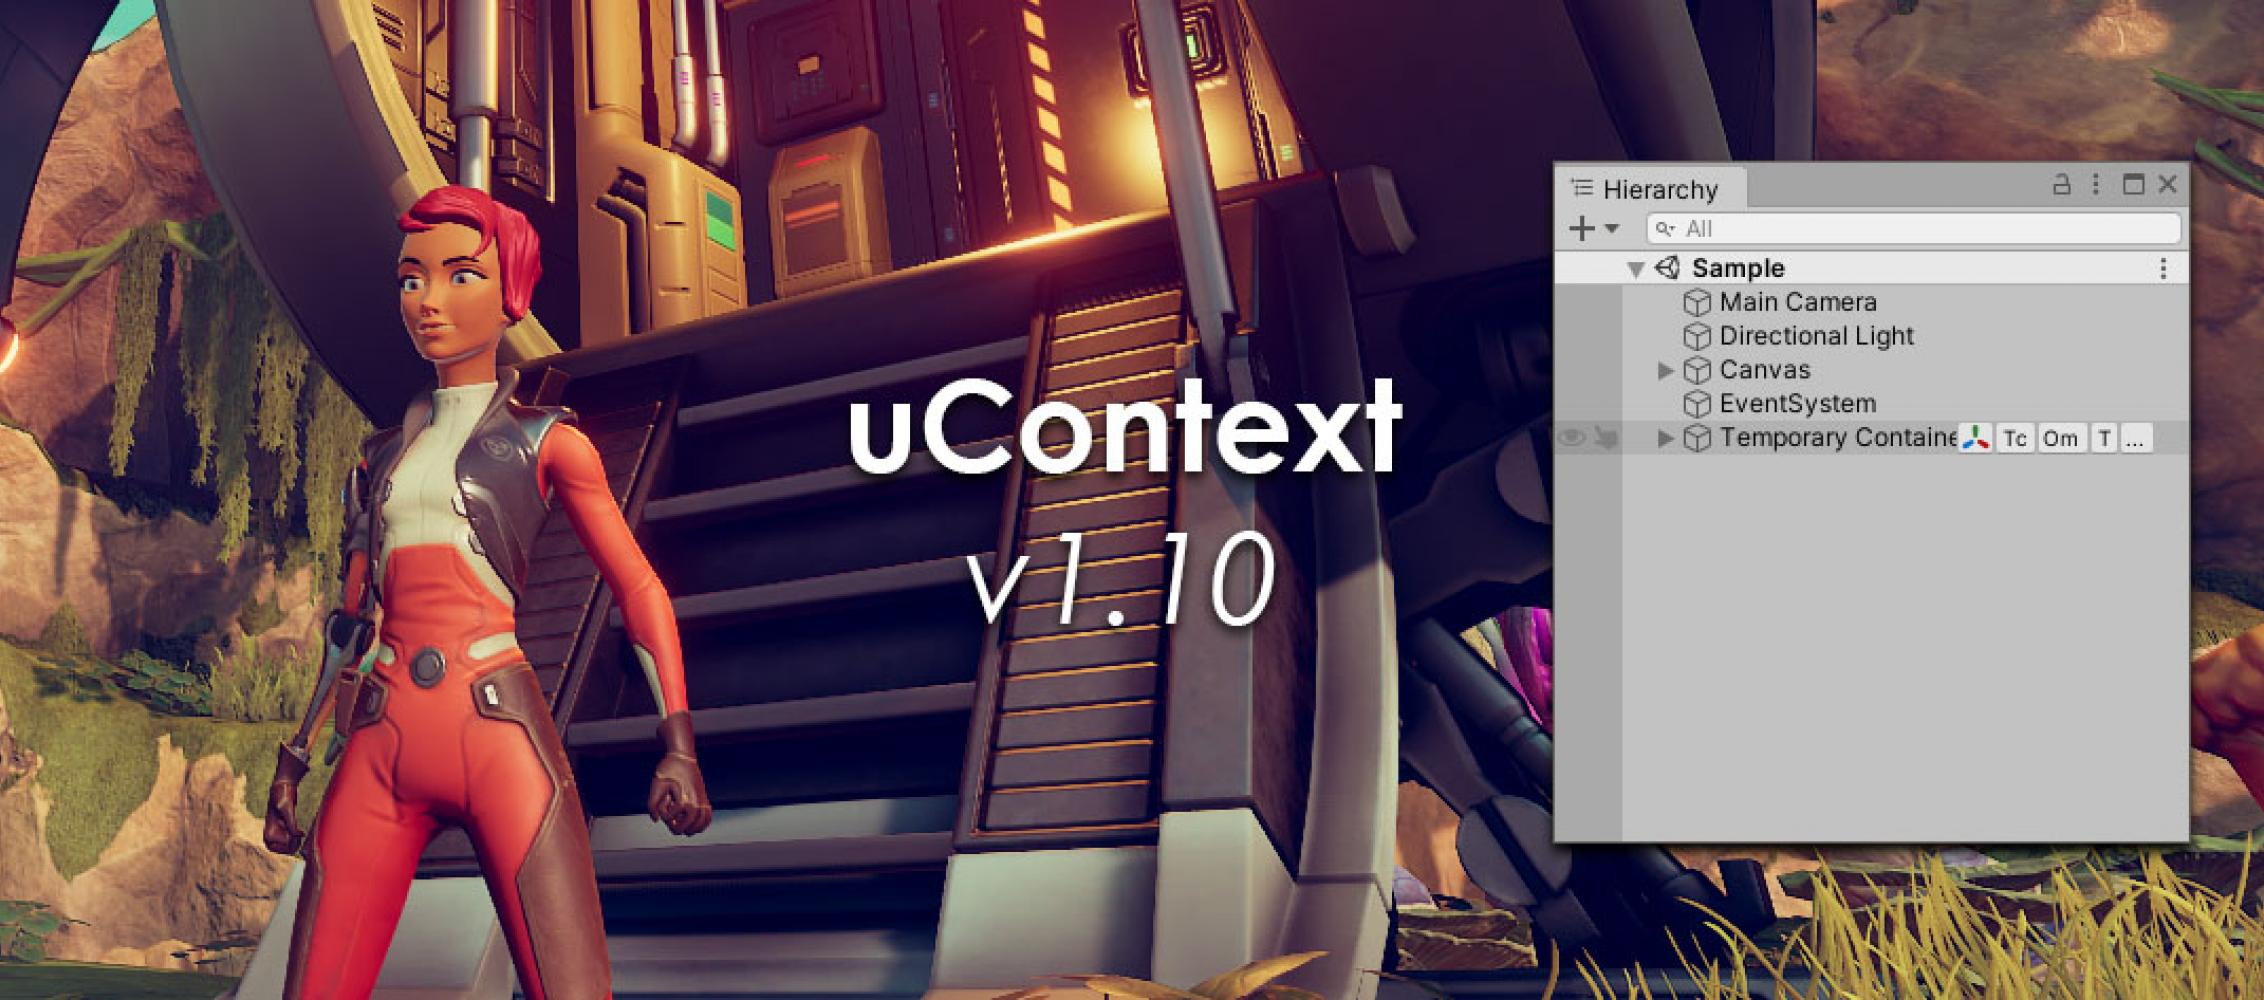 uContext v1.10